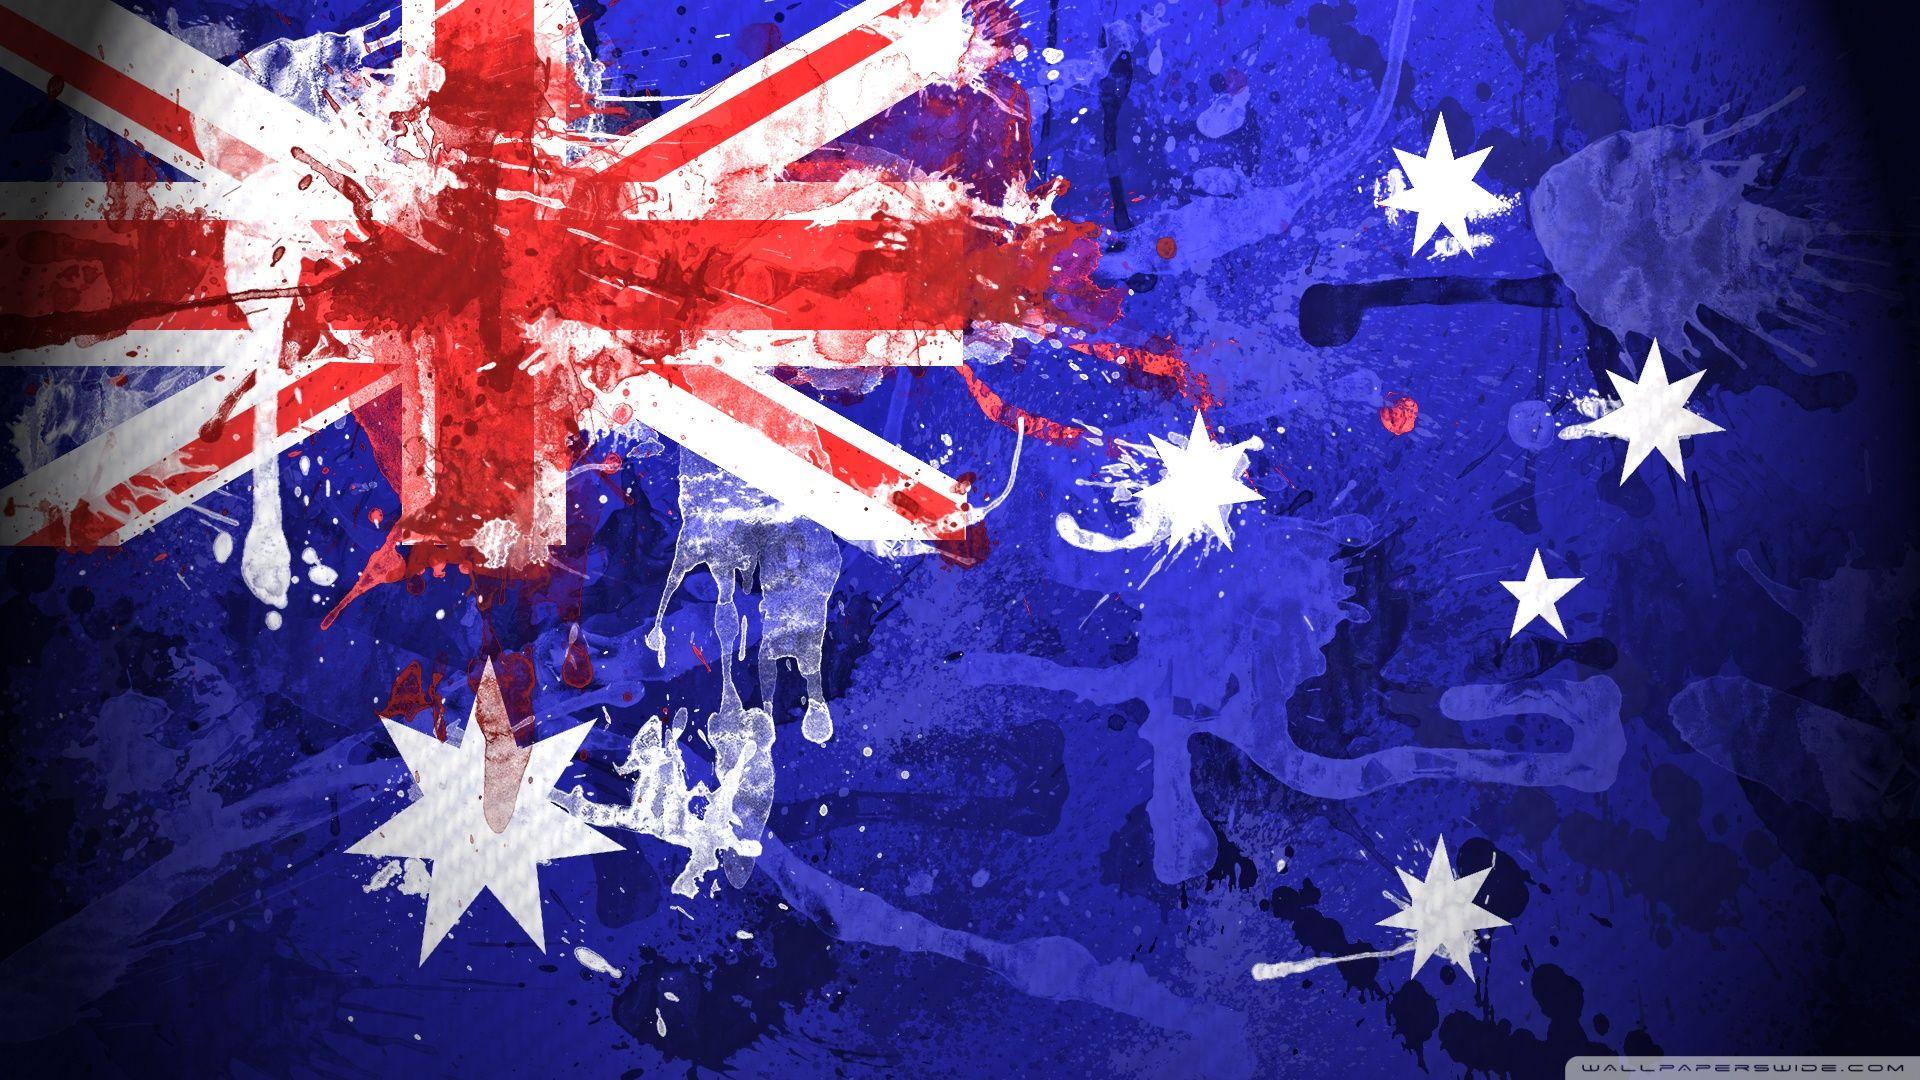 Australia Flag Art Wallpaper Hd Jpg 1920 1080 Flag Painting Flag Art Painting